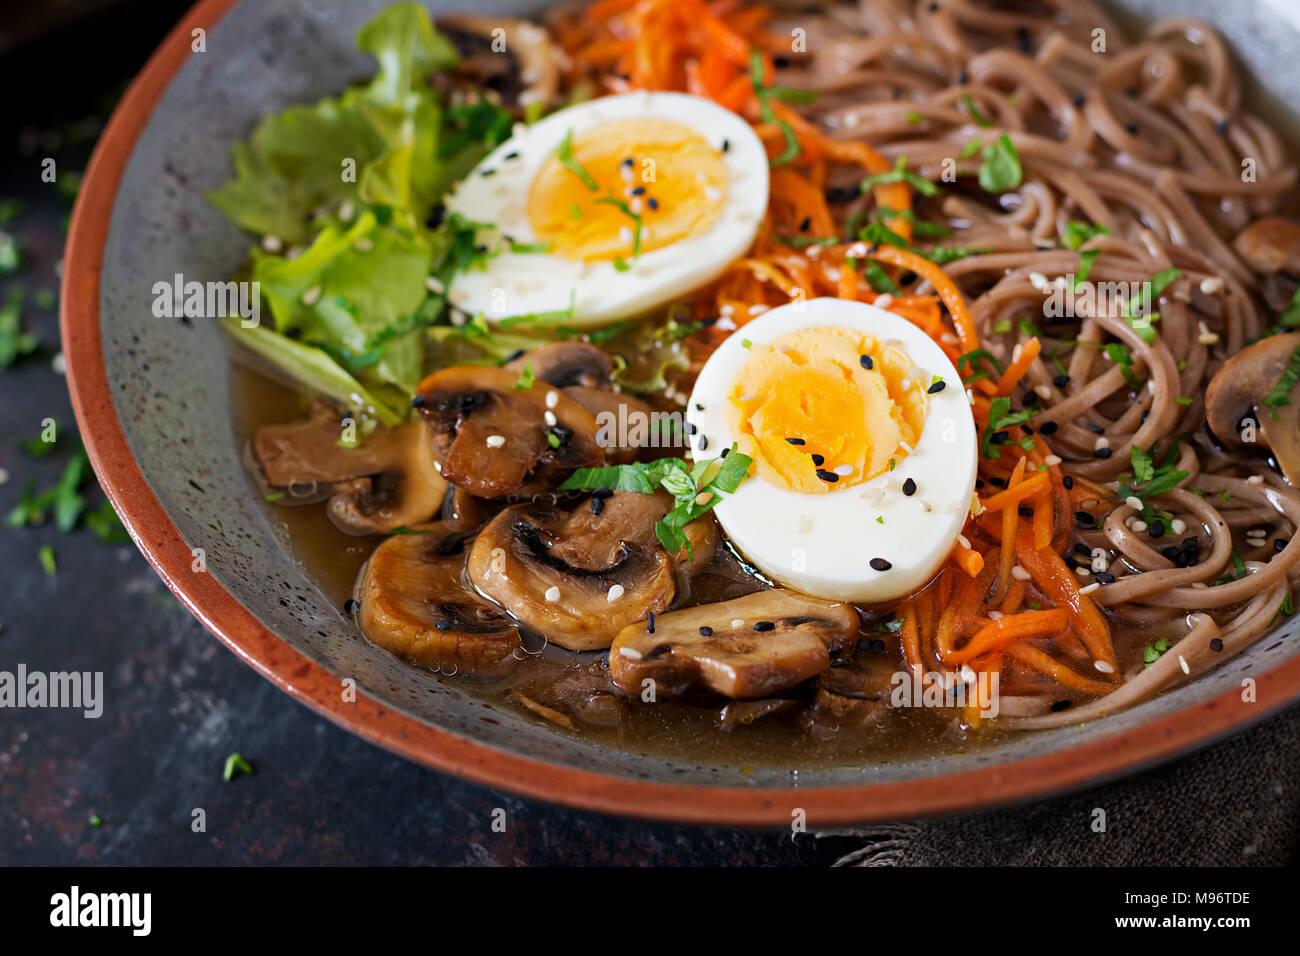 Le miso nouilles ramen japonais avec des oeufs, la carotte et les champignons. La nourriture délicieuse soupe. Photo Stock